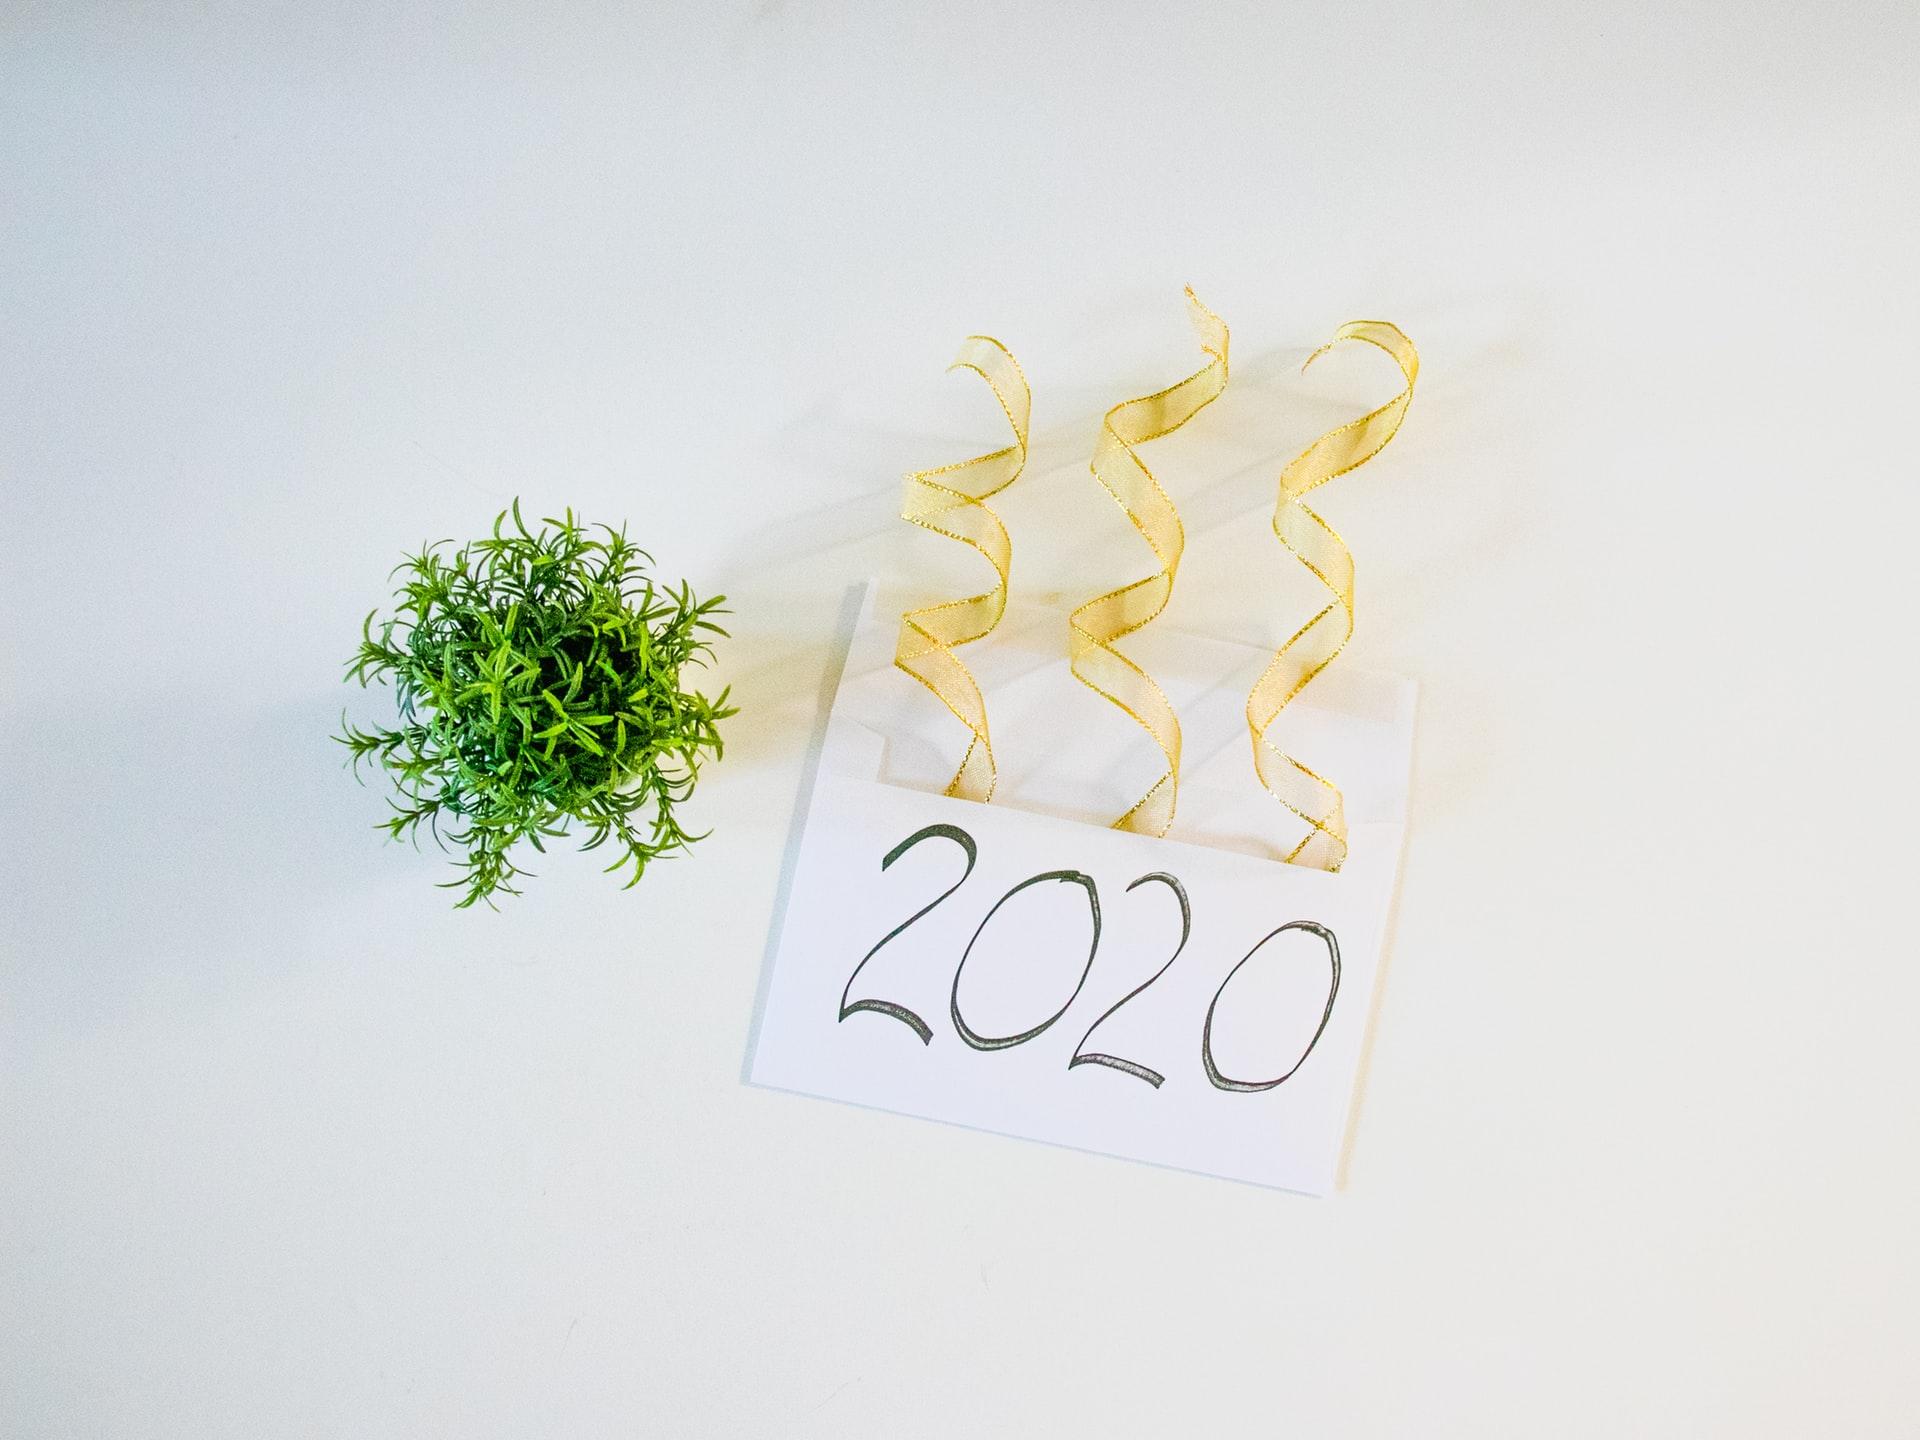 imagem a comemorar o ano 2020